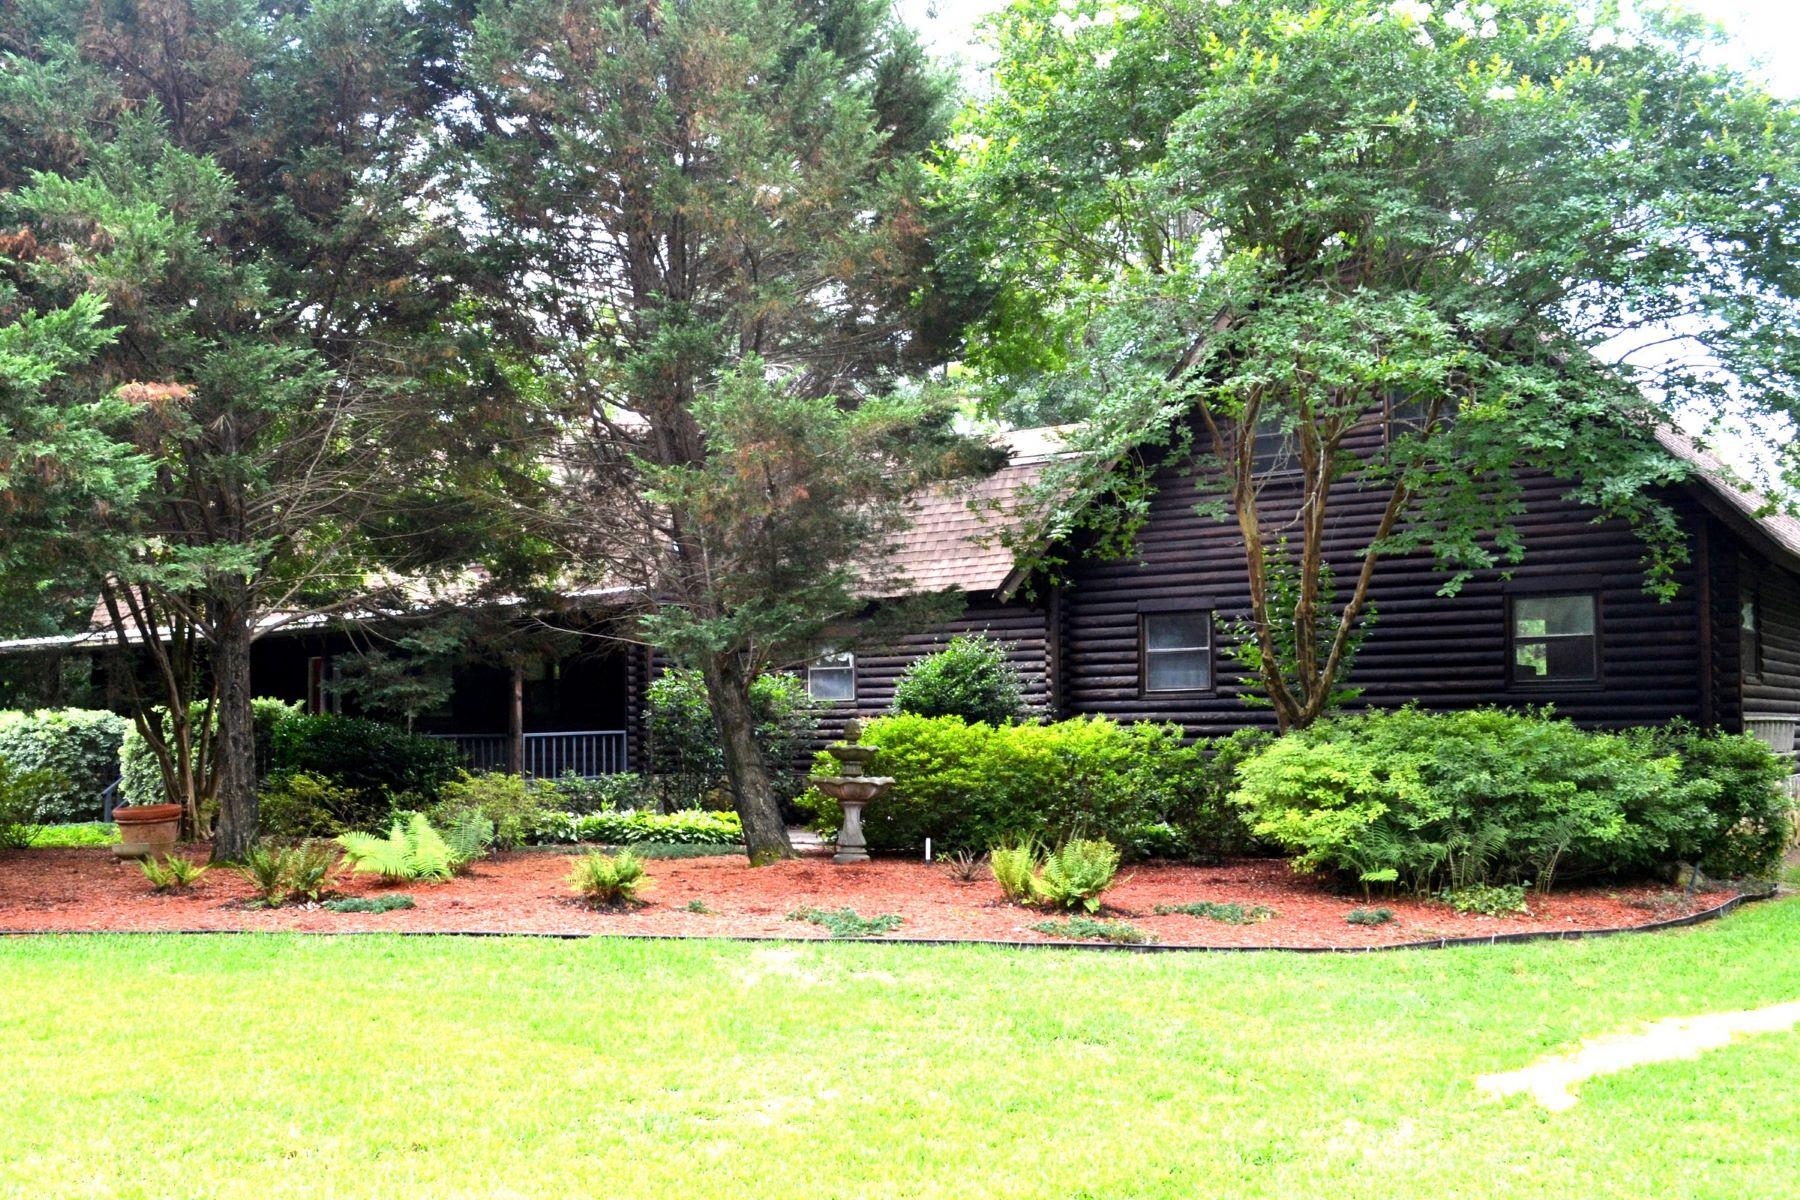 独户住宅 为 销售 在 36 Woodland Farm Road, Natchez 36 Woodland Farm Rd 纳切兹, 密西西比州 39120 美国